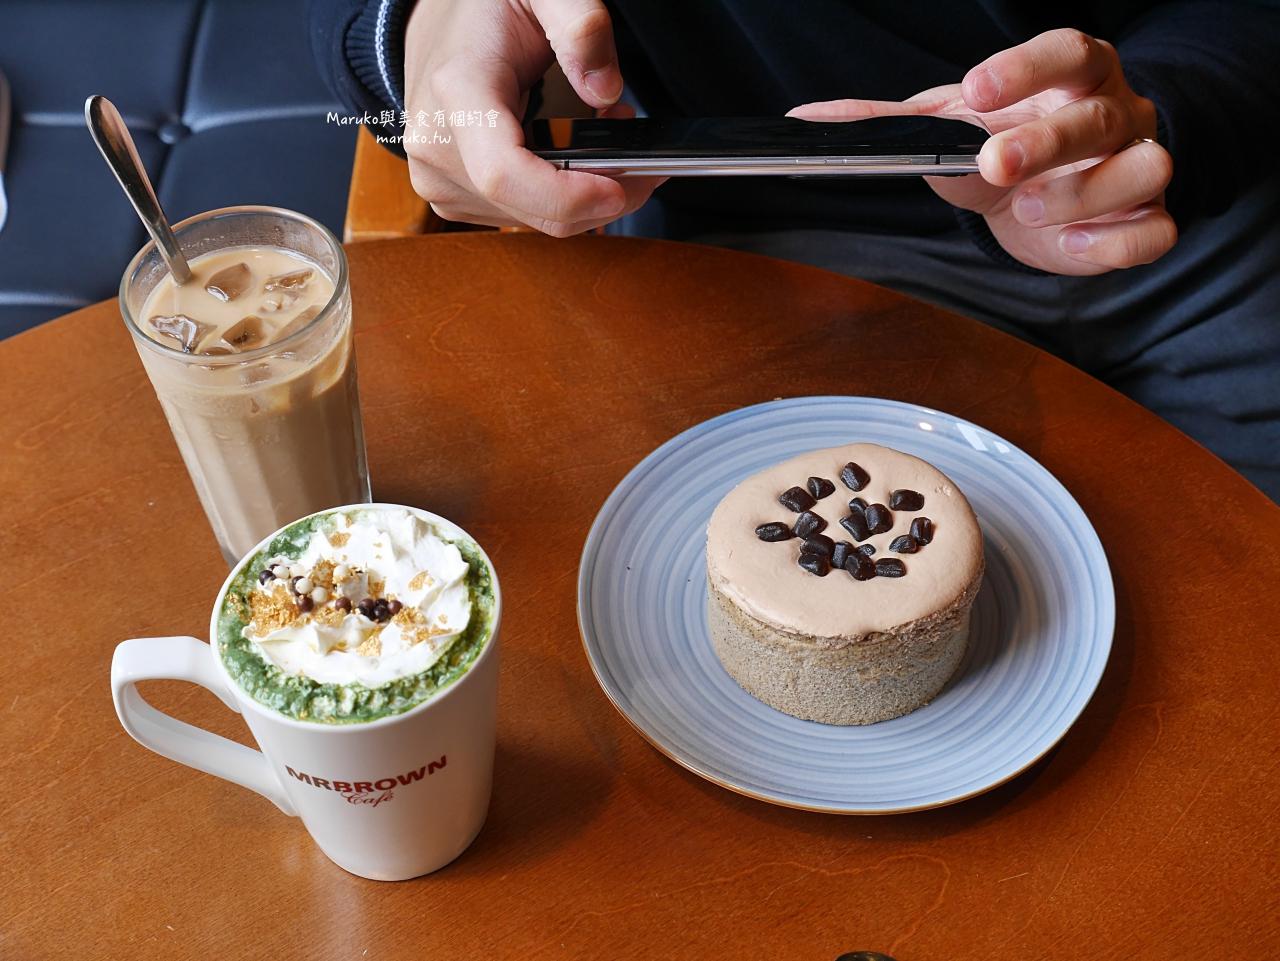 【台北】Mr.Brown Cafe 伯朗咖啡館/女侍共享蛋糕套餐/不限時咖啡館/民權西路站咖啡館推薦 @Maruko與美食有個約會